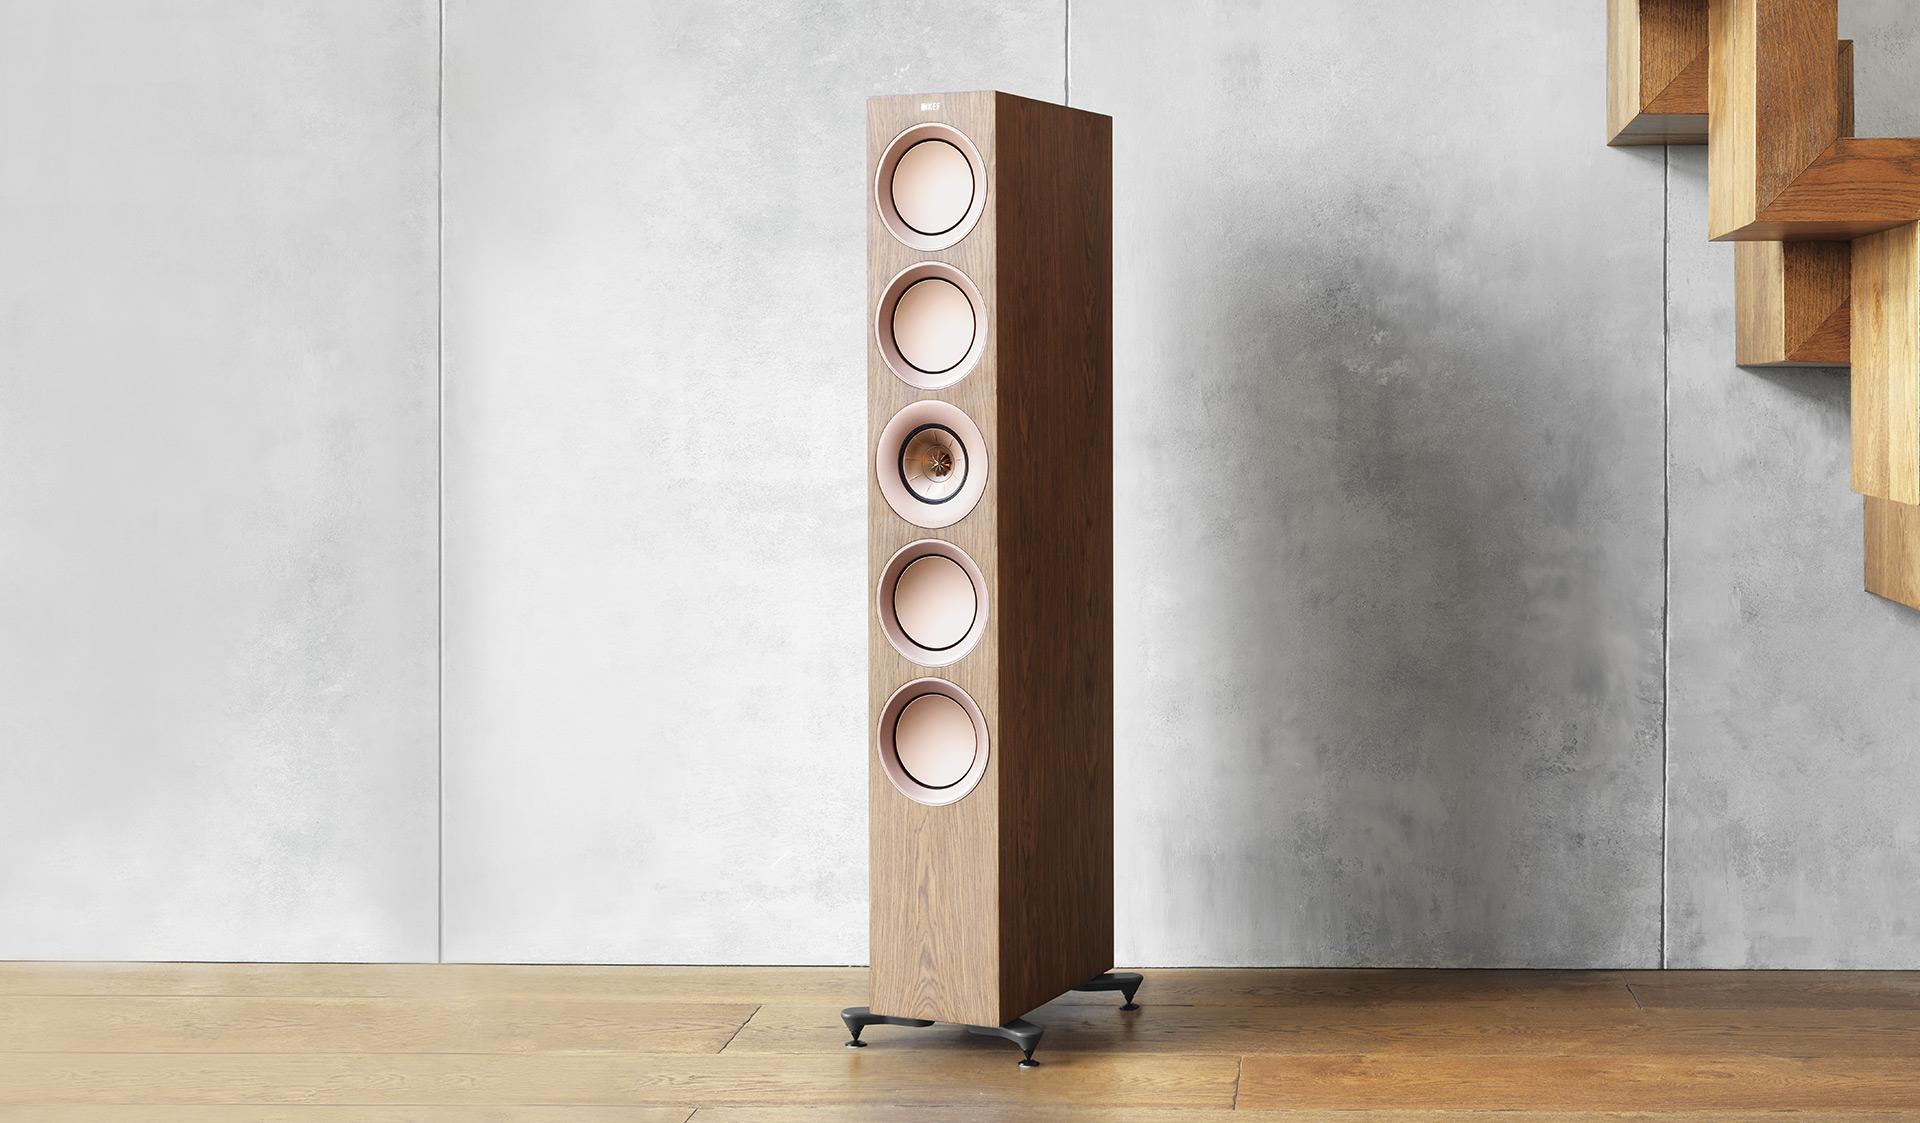 На прошедшей в американском городе Сан-Диего выставке CEDIA Expo компания KEF представила новое поколение акустических систем R Series